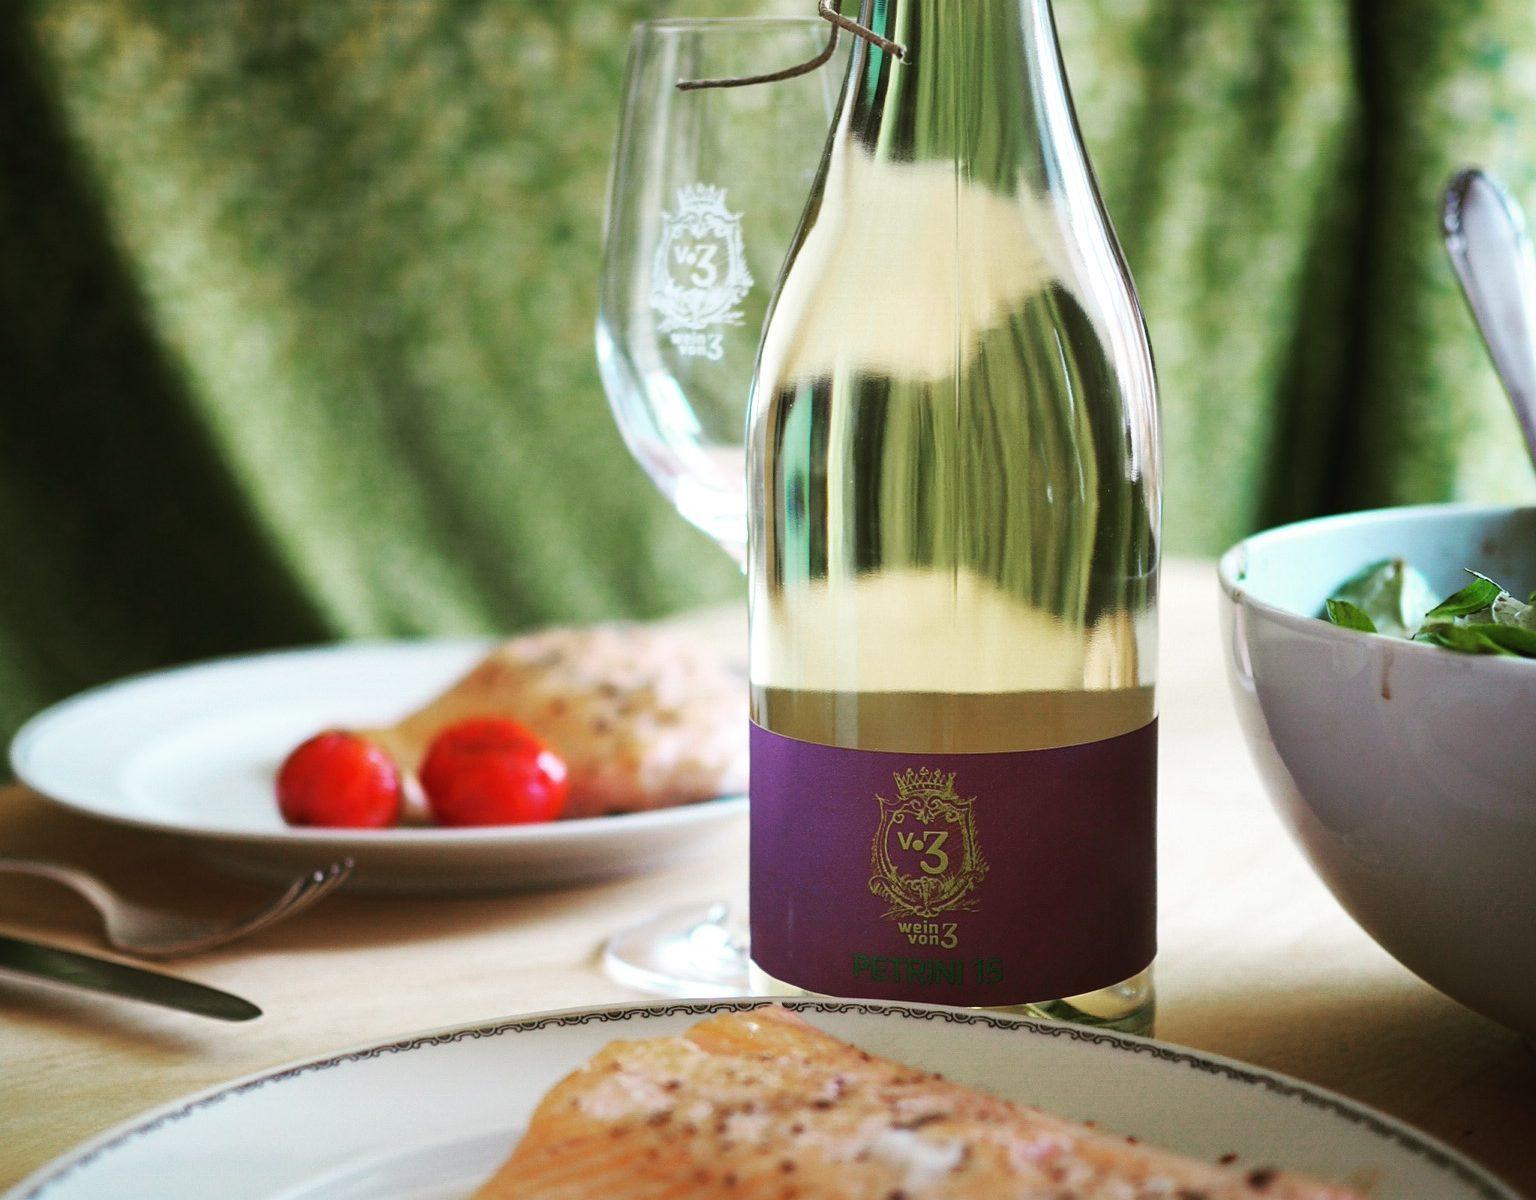 Petrini 15 von Wein von 3